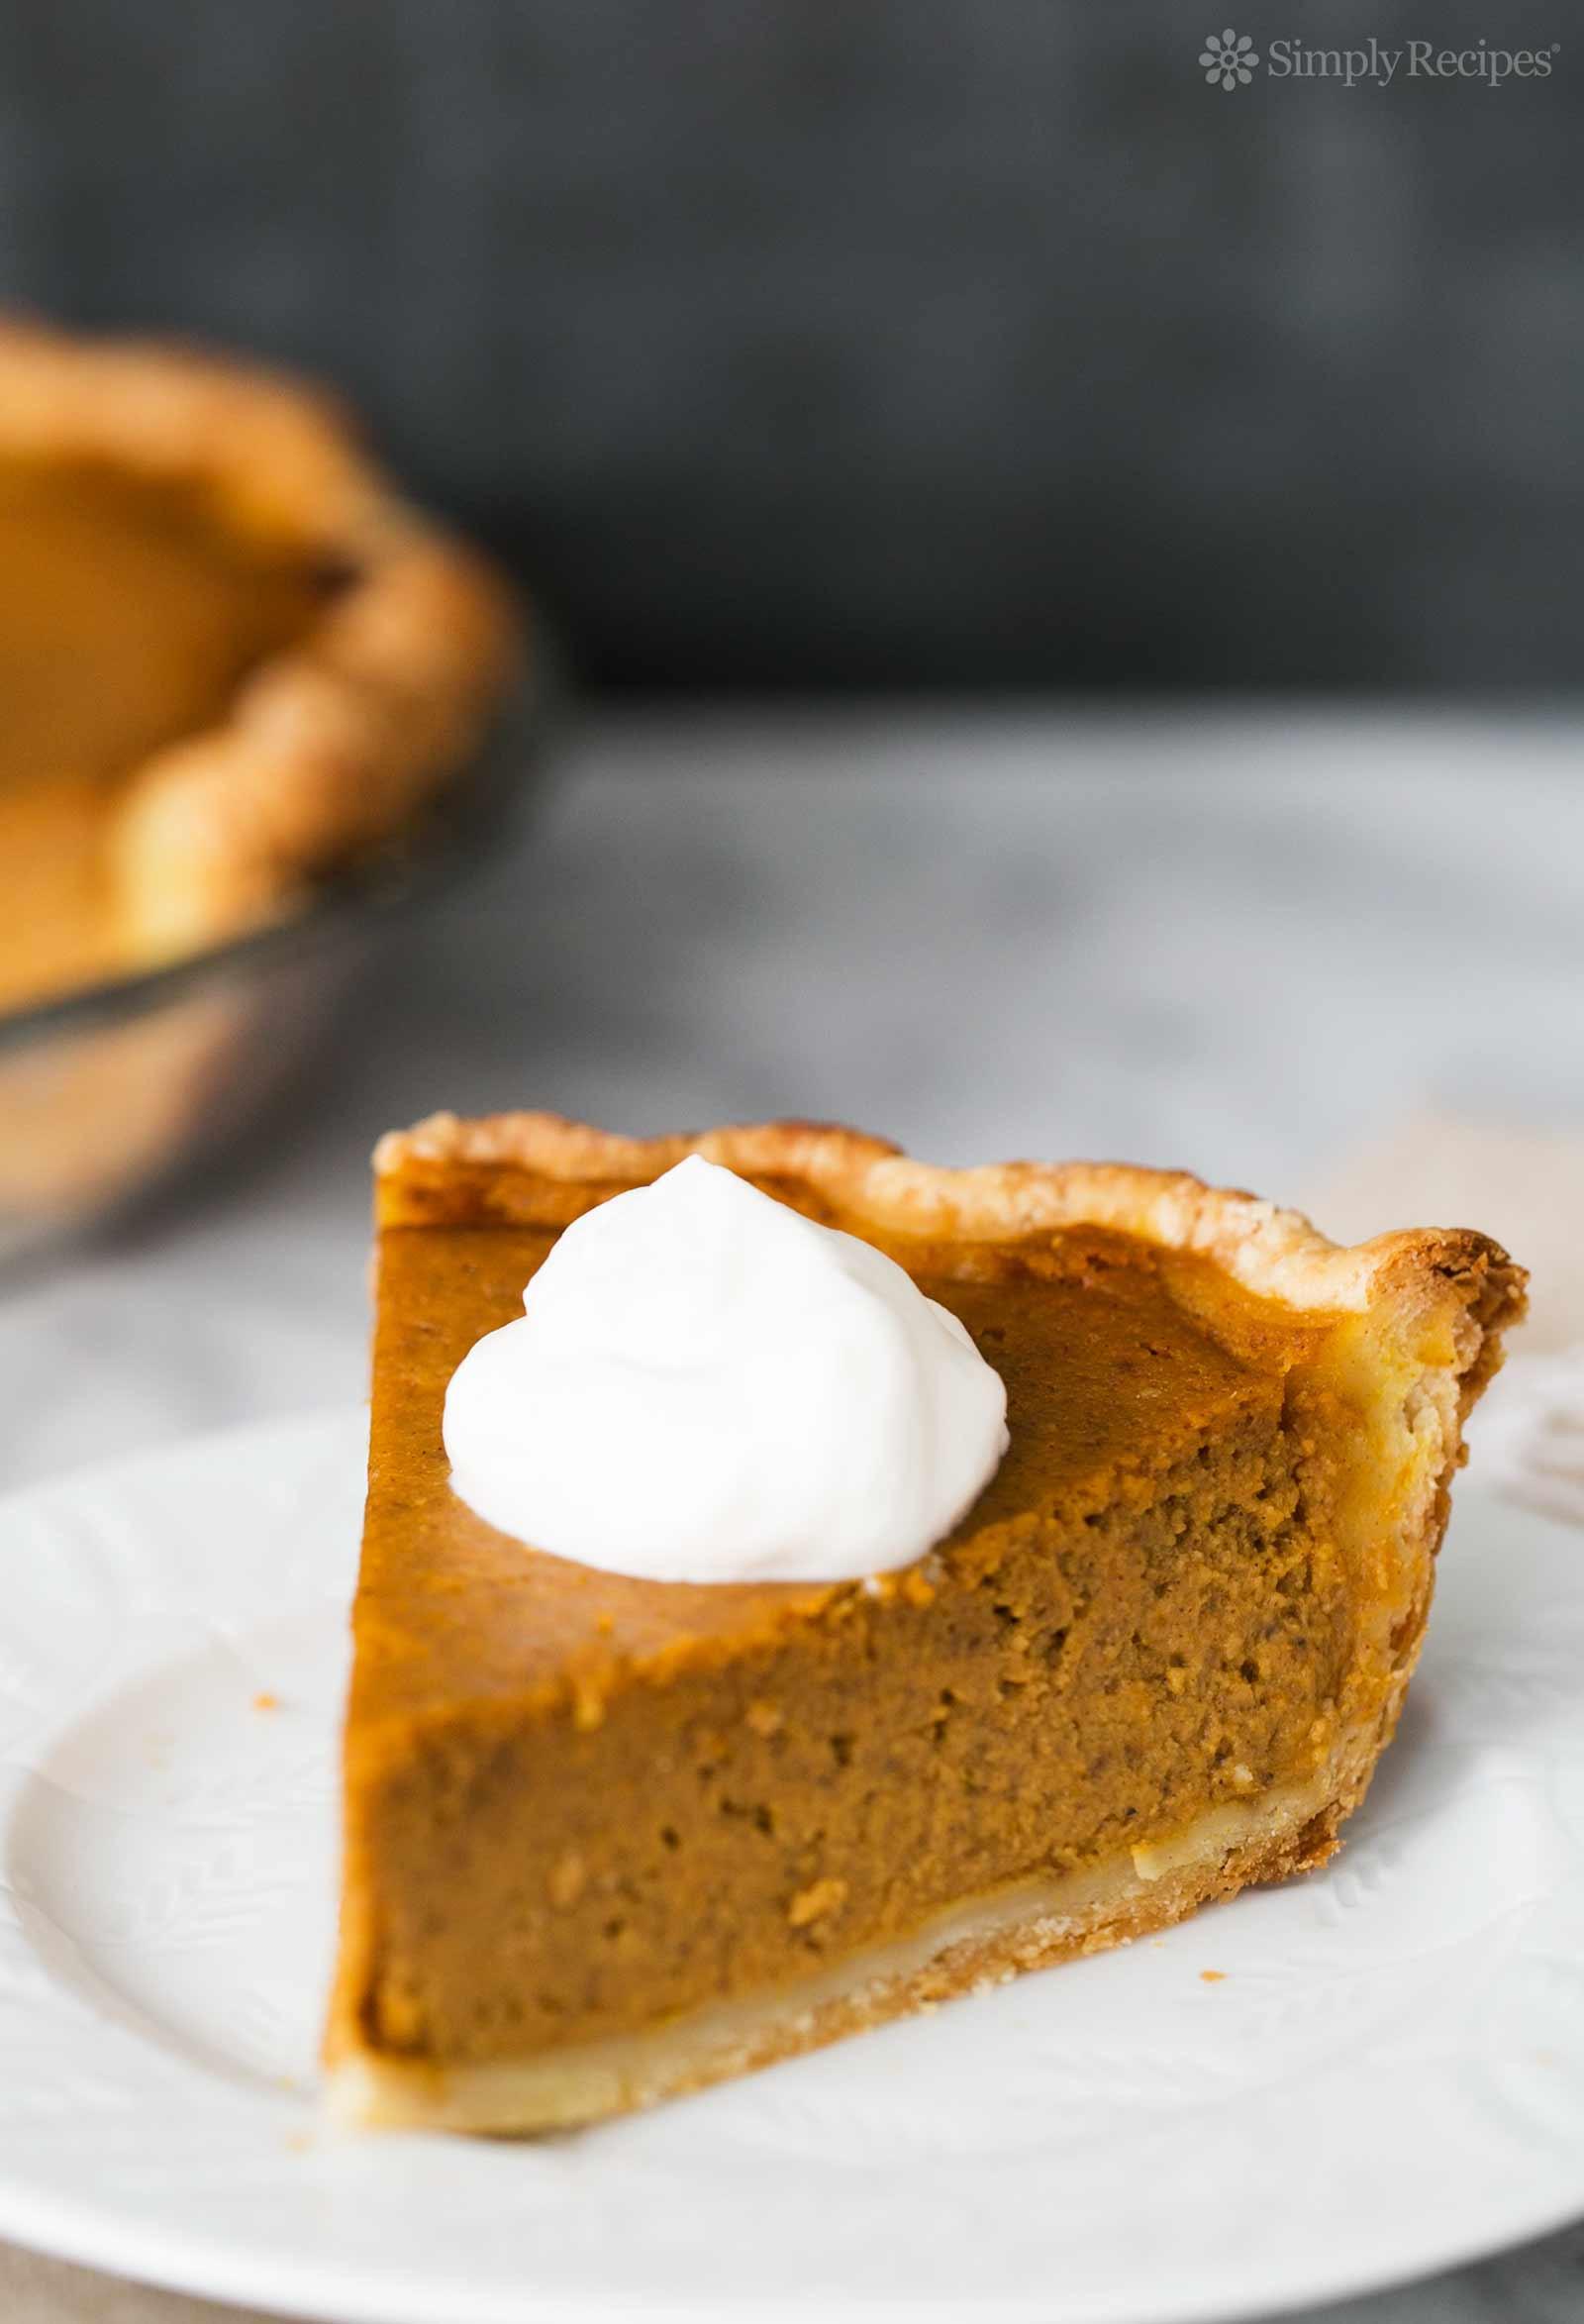 Pumpkin Pie Recipe With Fresh Pumpkin  Homemade Pumpkin Pie